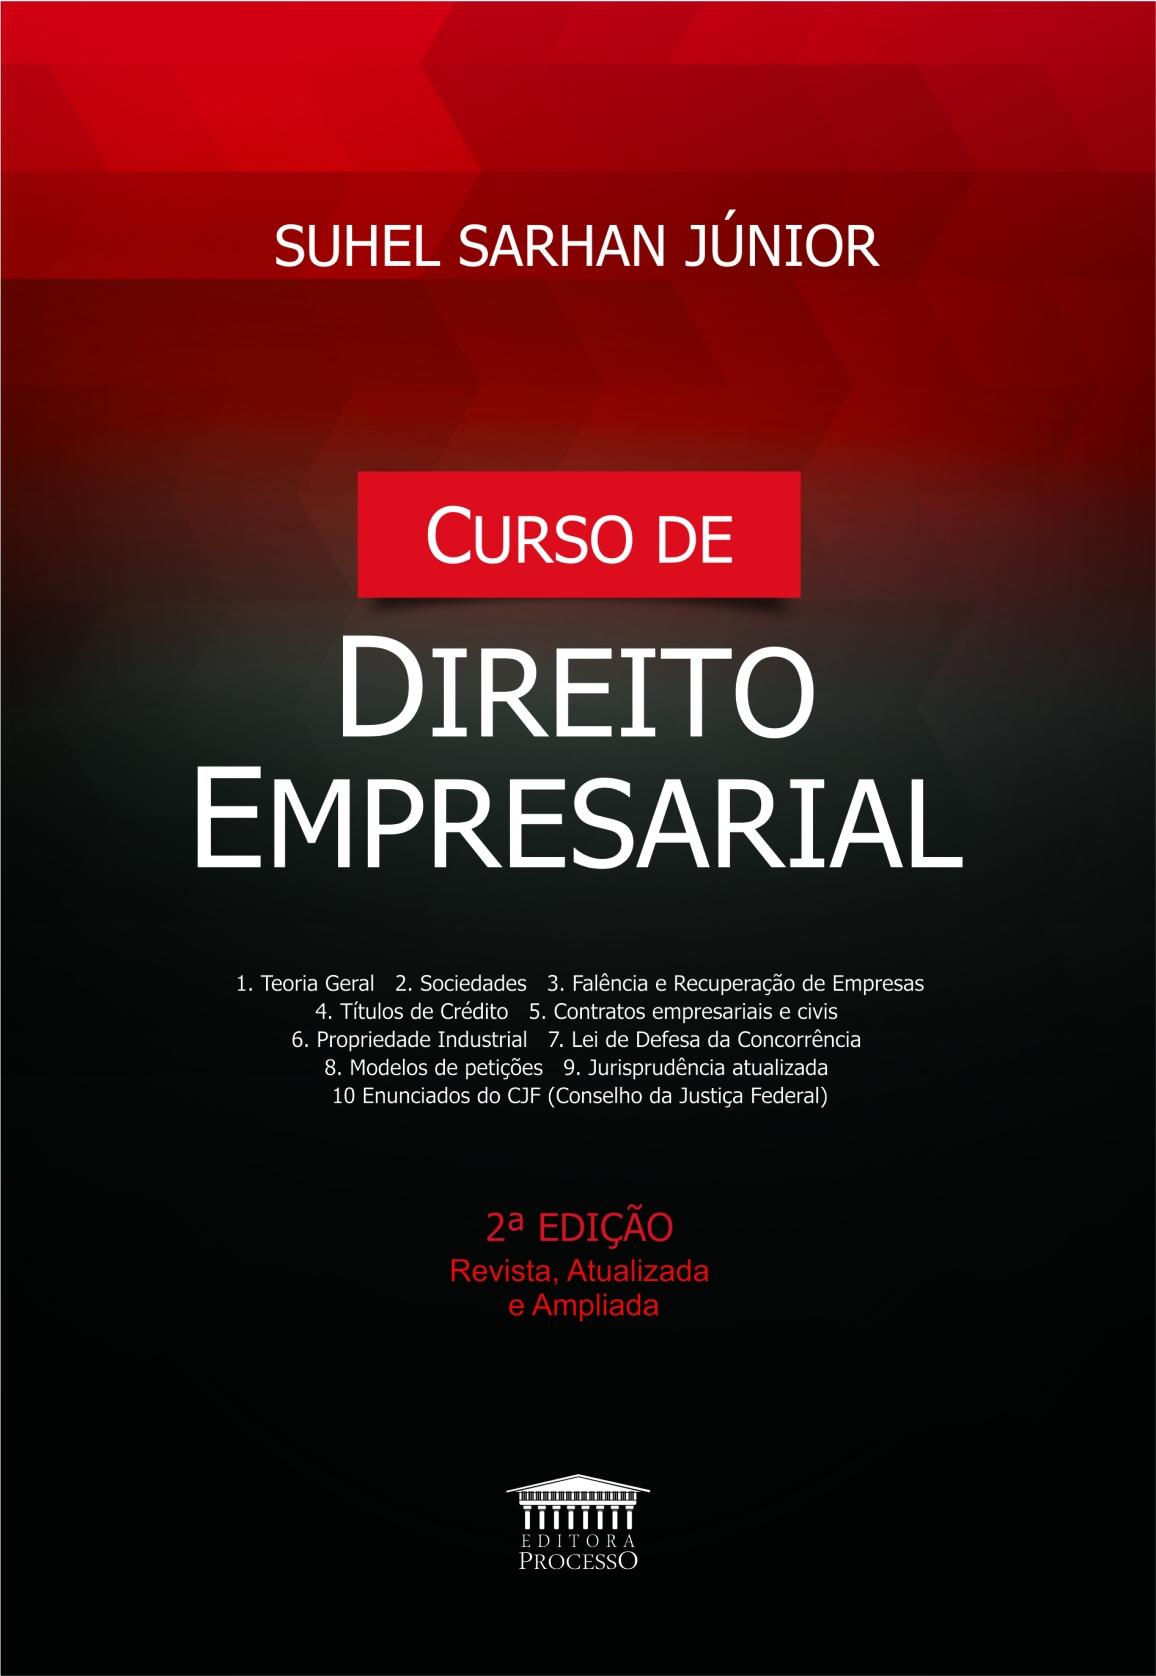 CURSO DE DIREITO EMPRESARIAL - 2ª EDIÇÃO